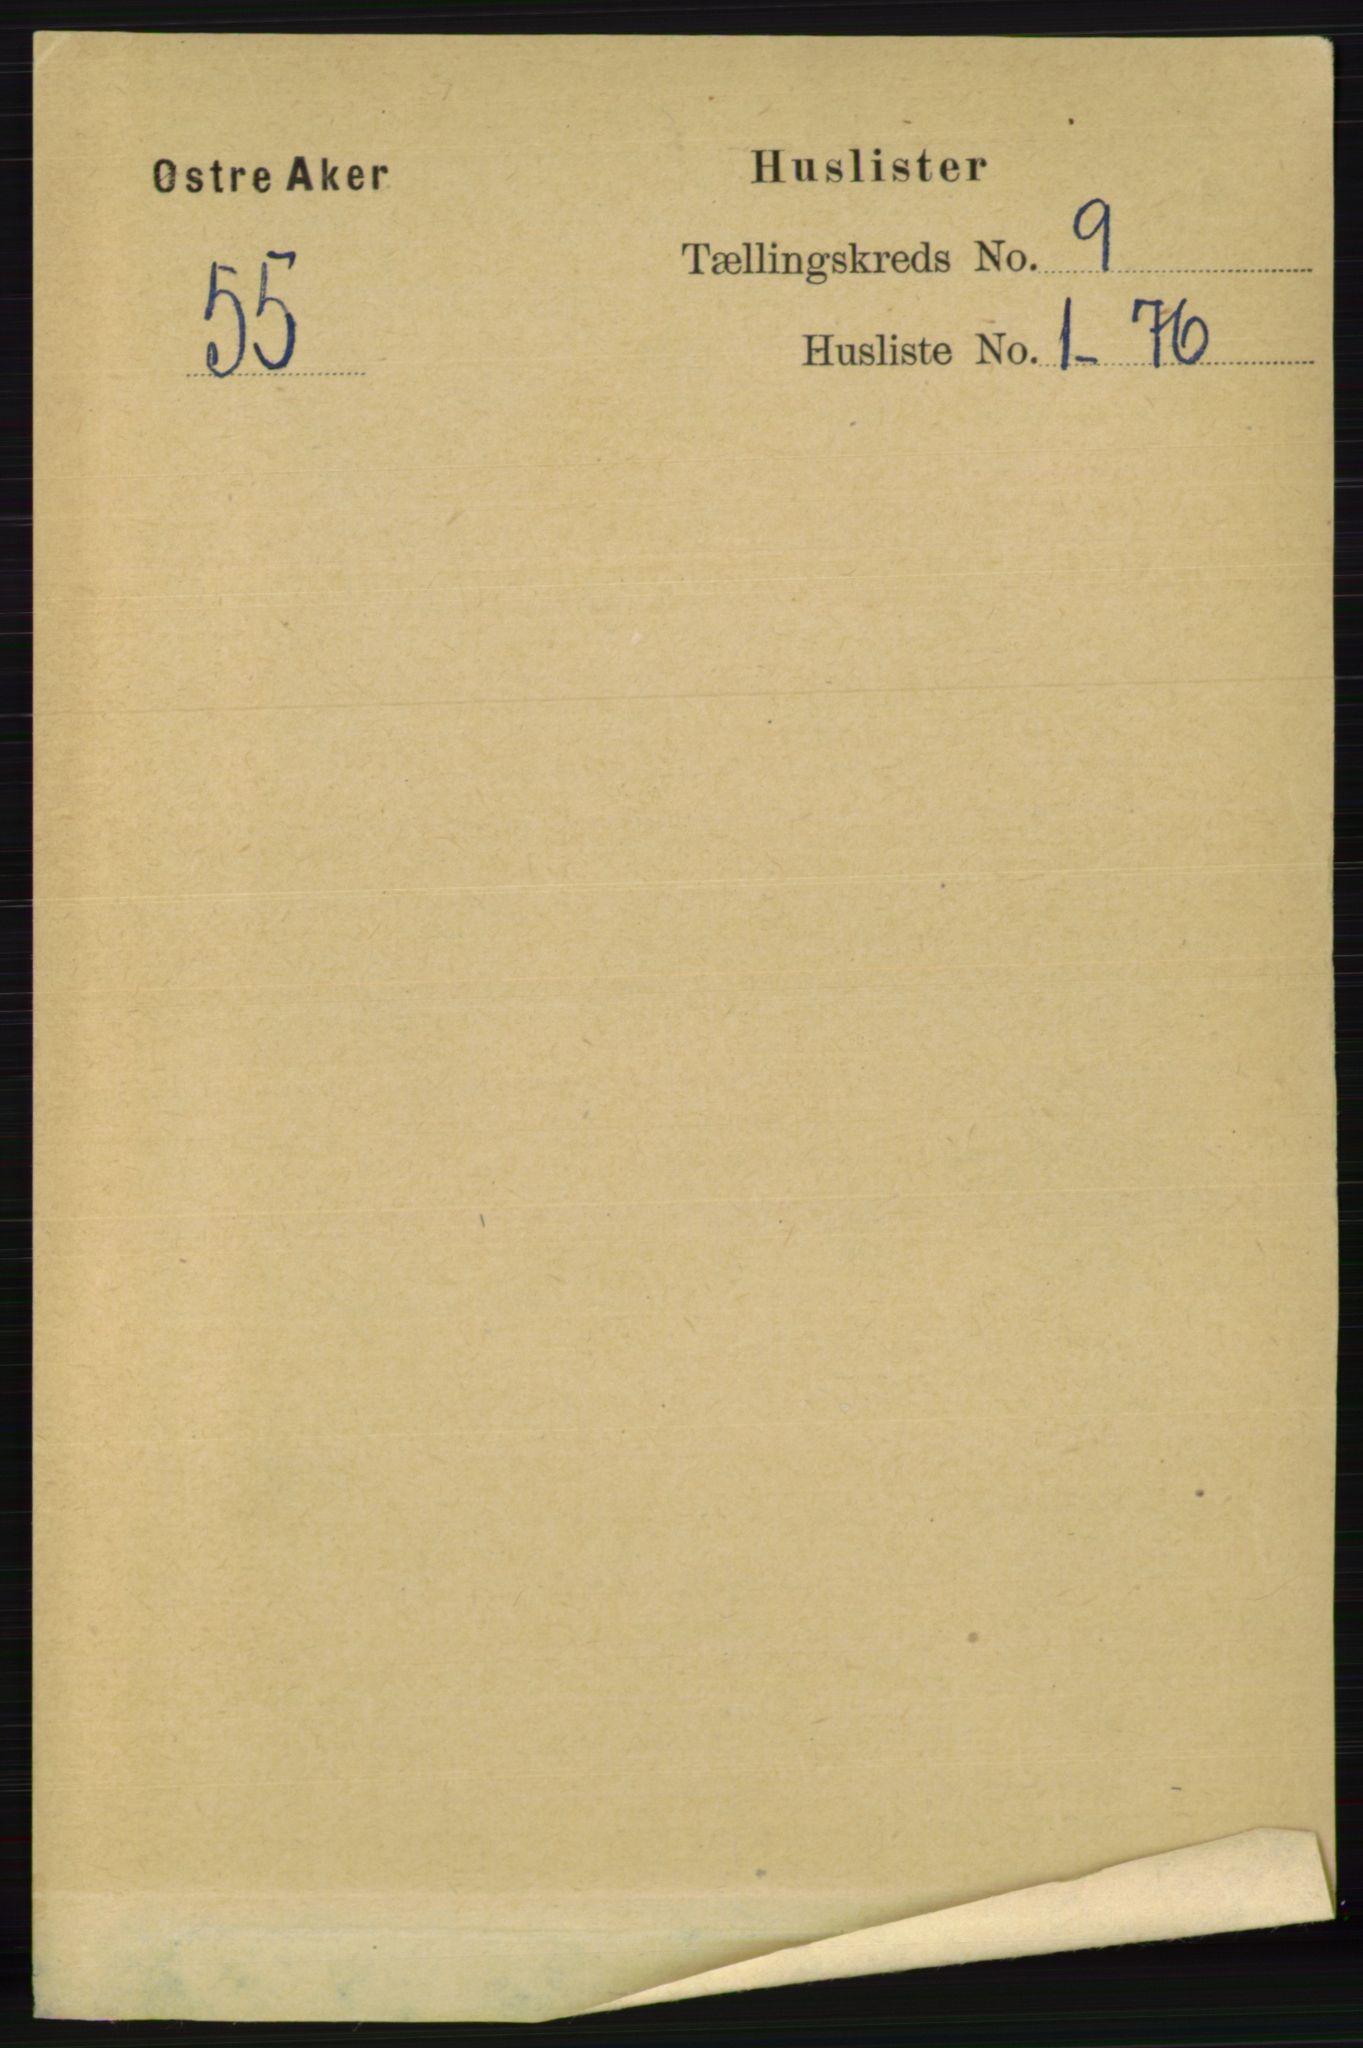 RA, Folketelling 1891 for 0218 Aker herred, 1891, s. 8286